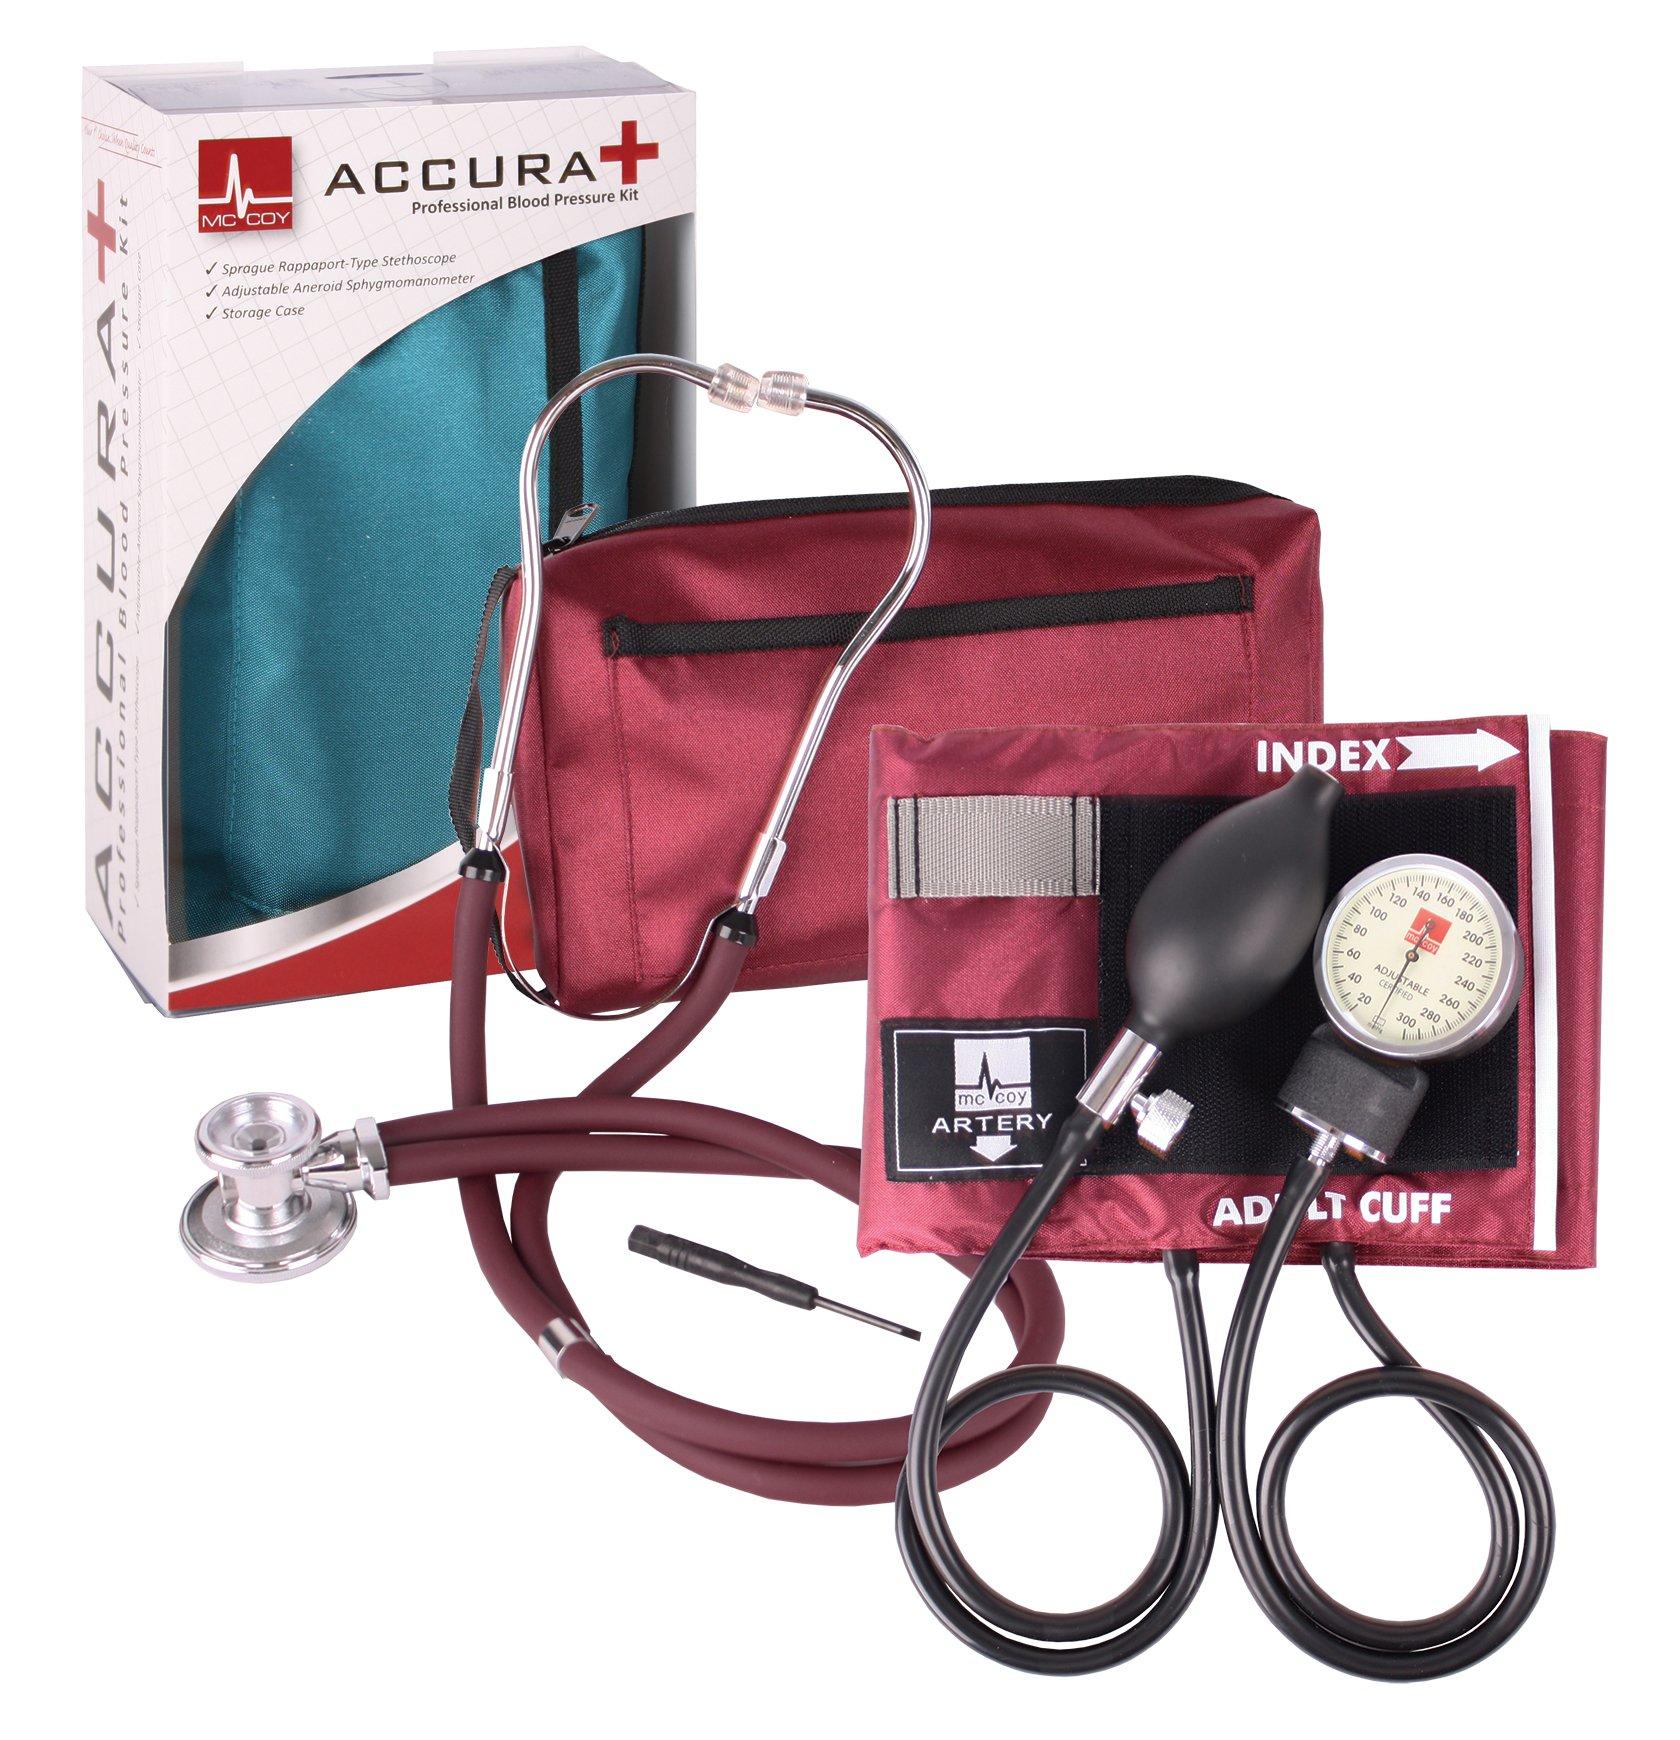 Accura Plus Blood Pressure Stethoscope